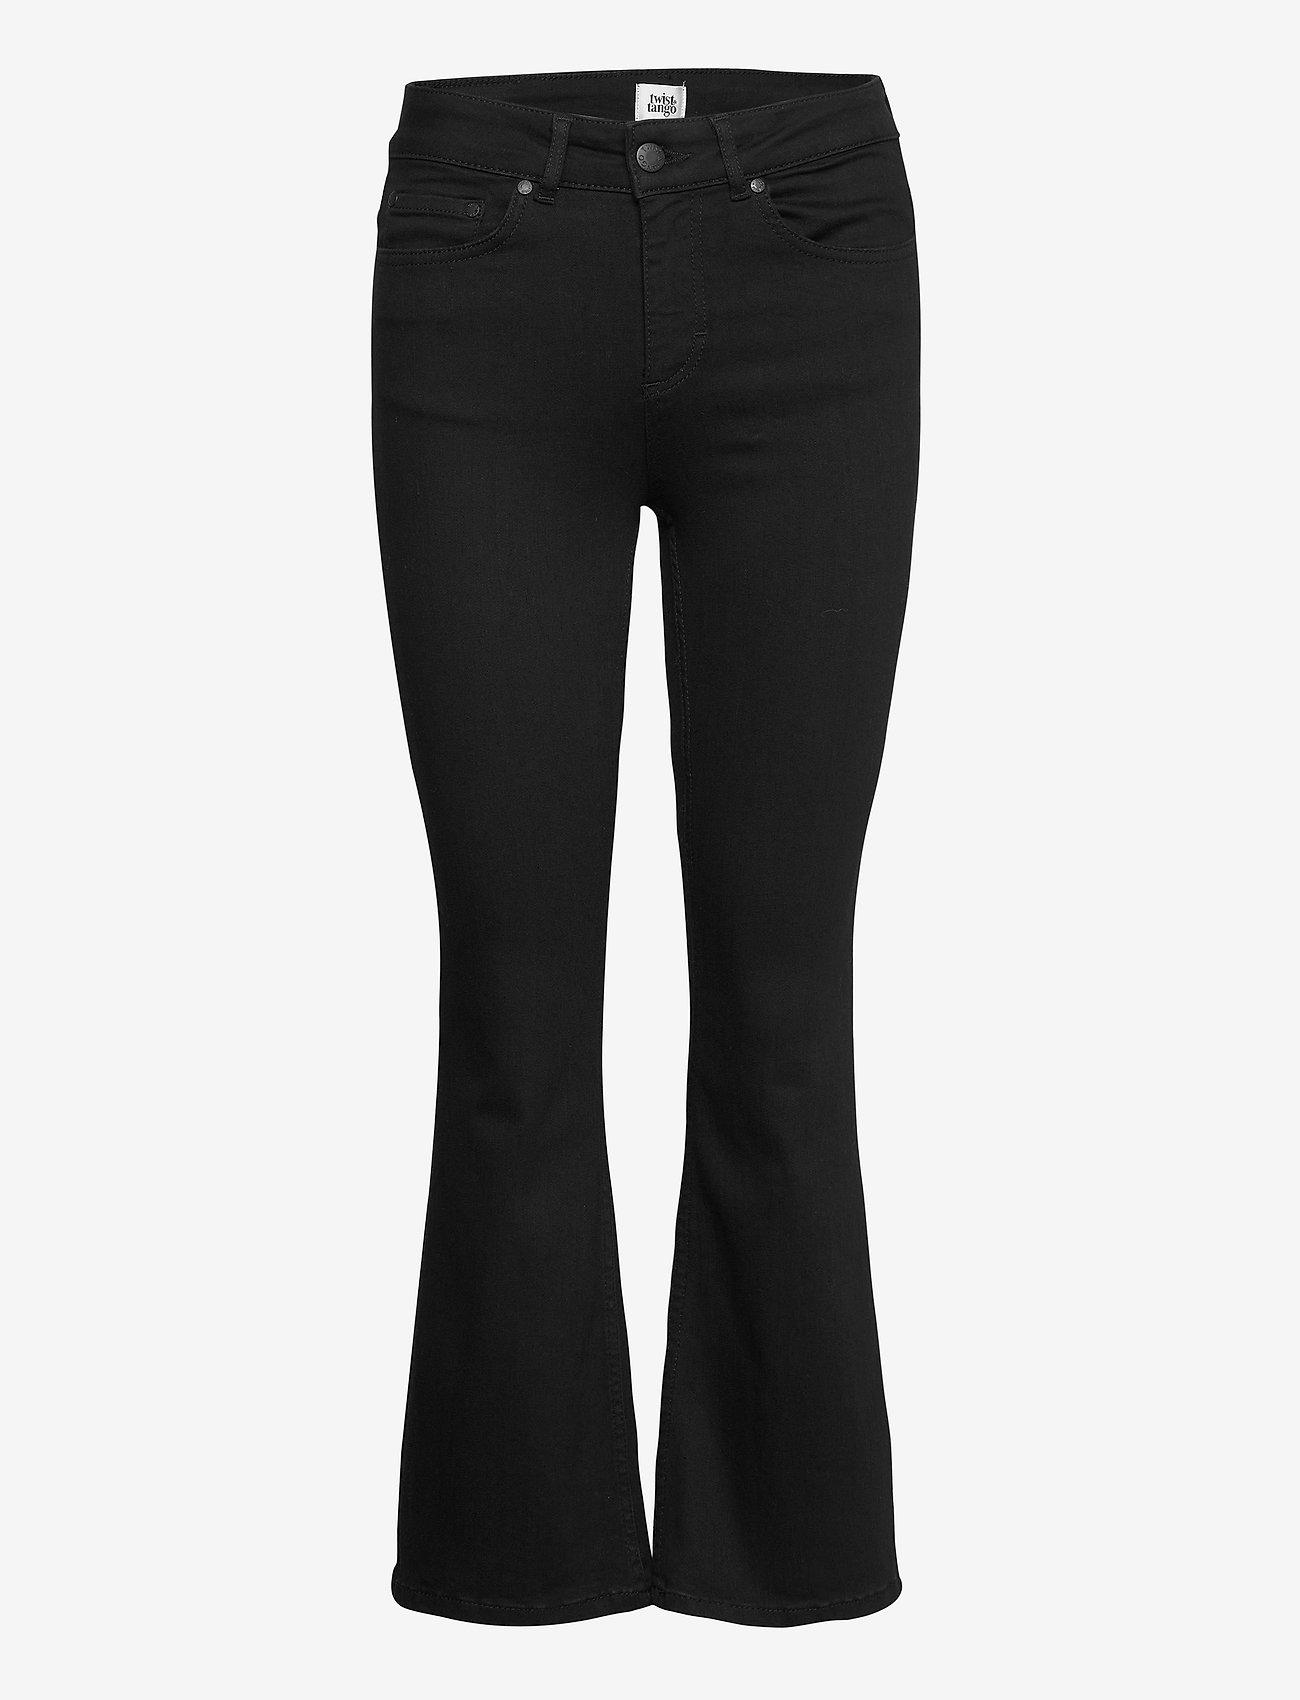 Twist & Tango - Jo Jeans - schlaghosen - black - 0